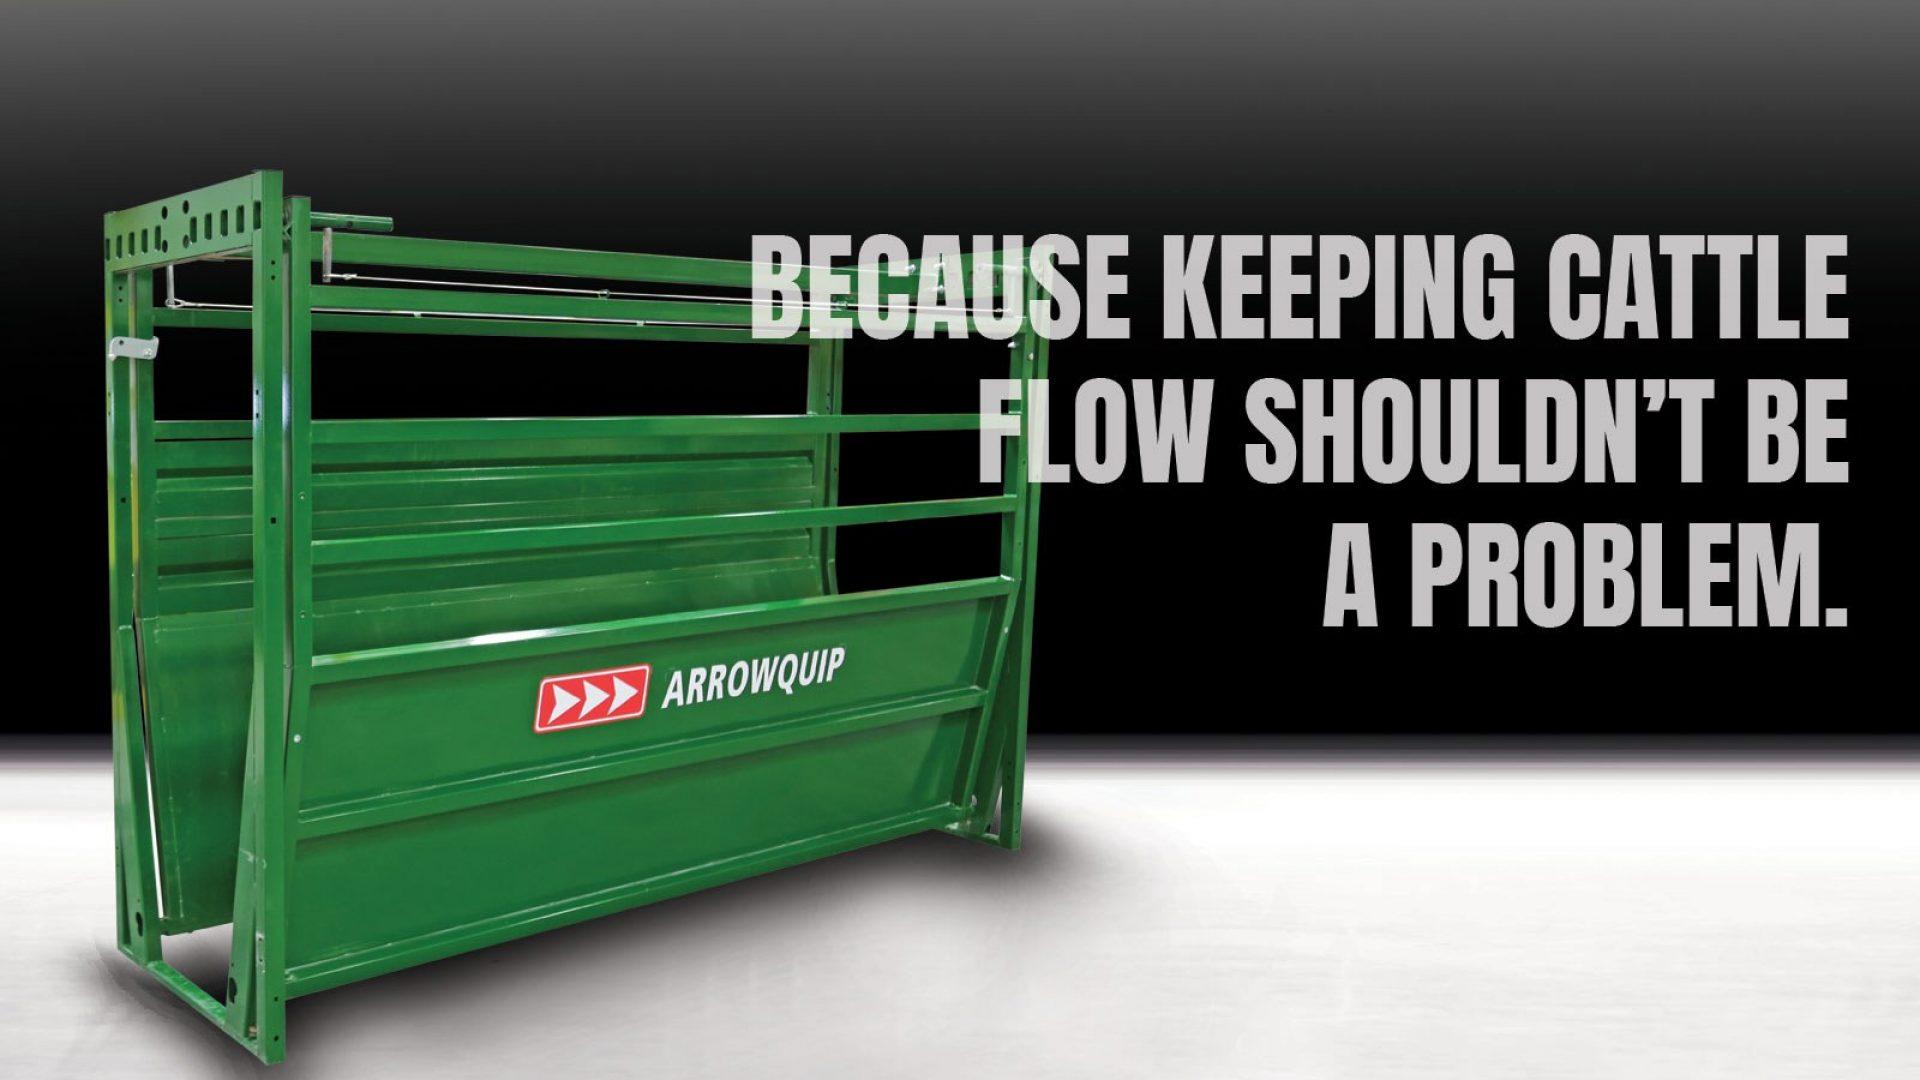 Easy Flow Cattle Race by Arrowquip